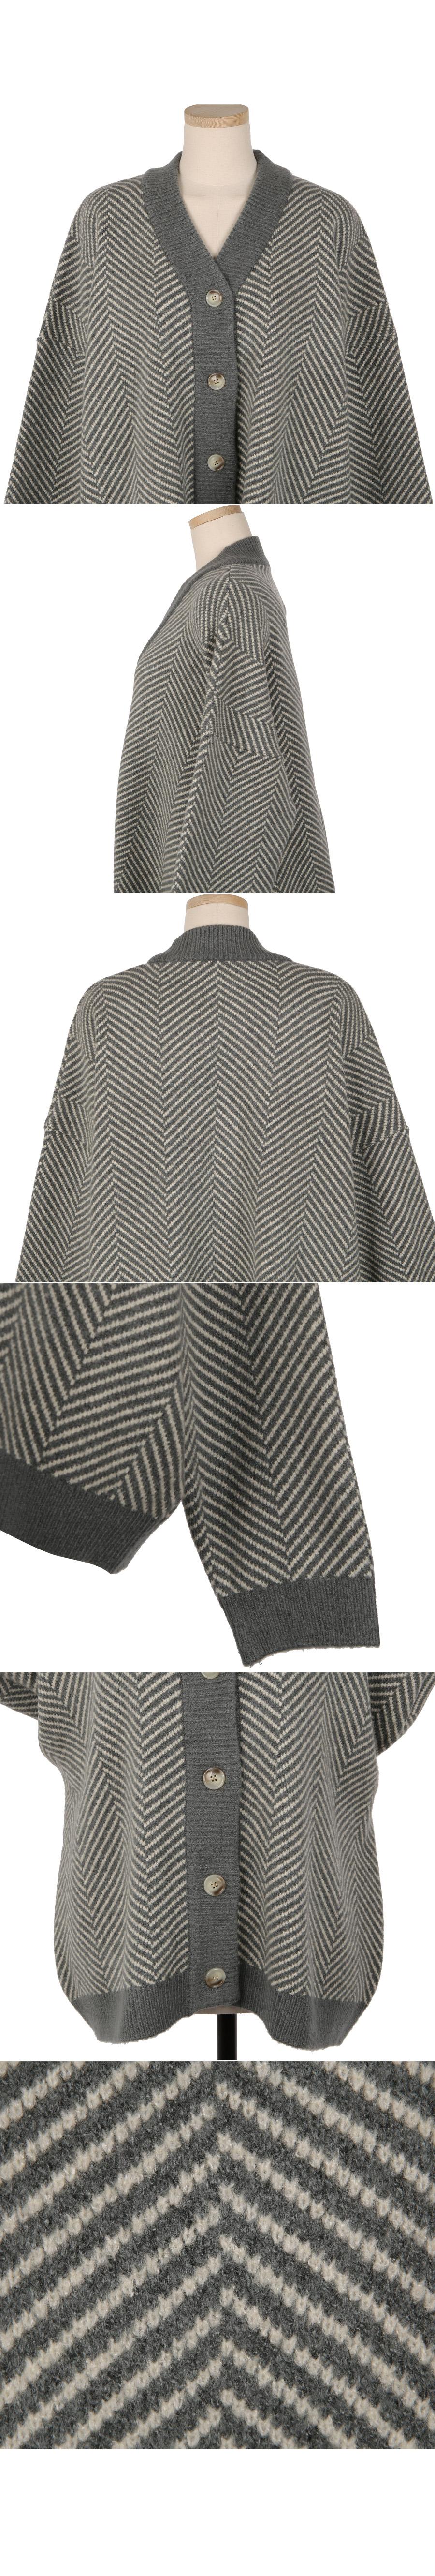 Boxy pattern cd